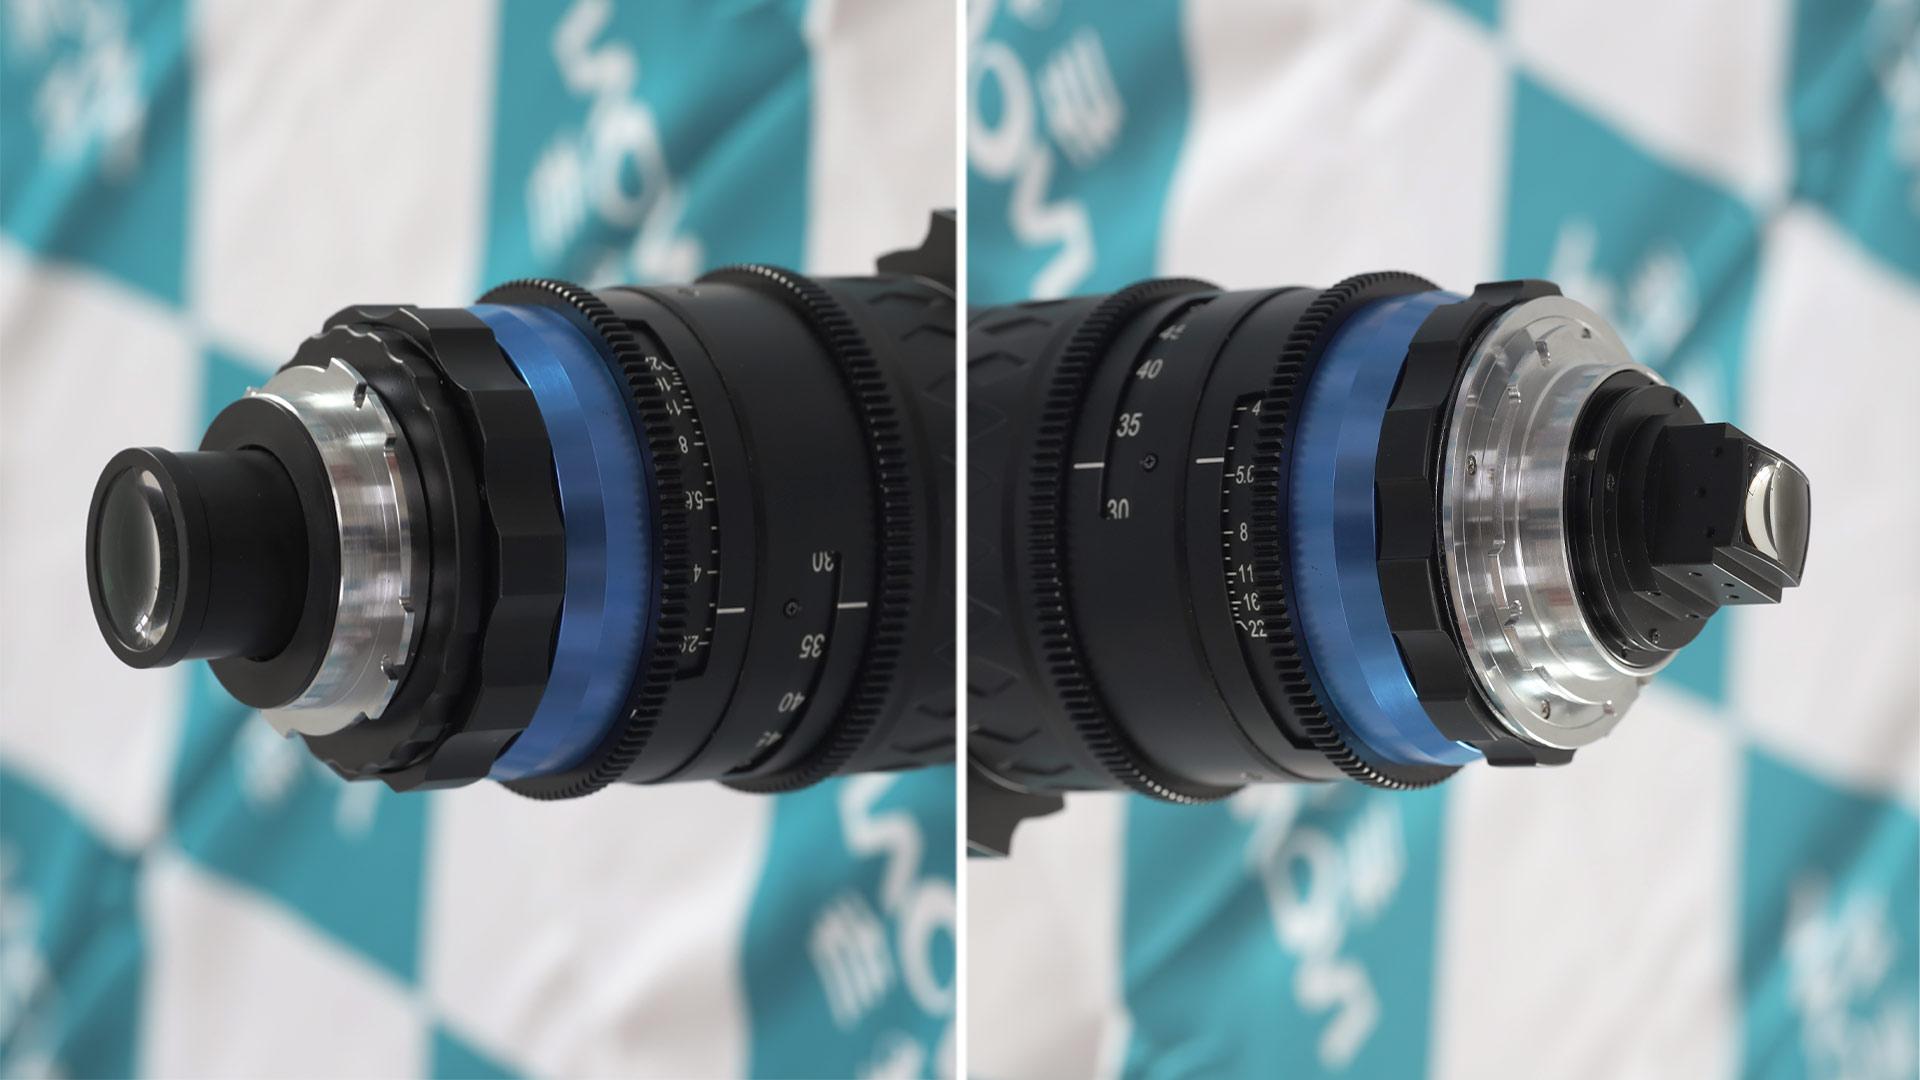 Lente zoom de cine Laowa OOOM - adelanto del adaptador anamórfico trasero 1.33x y expansor 1.4x